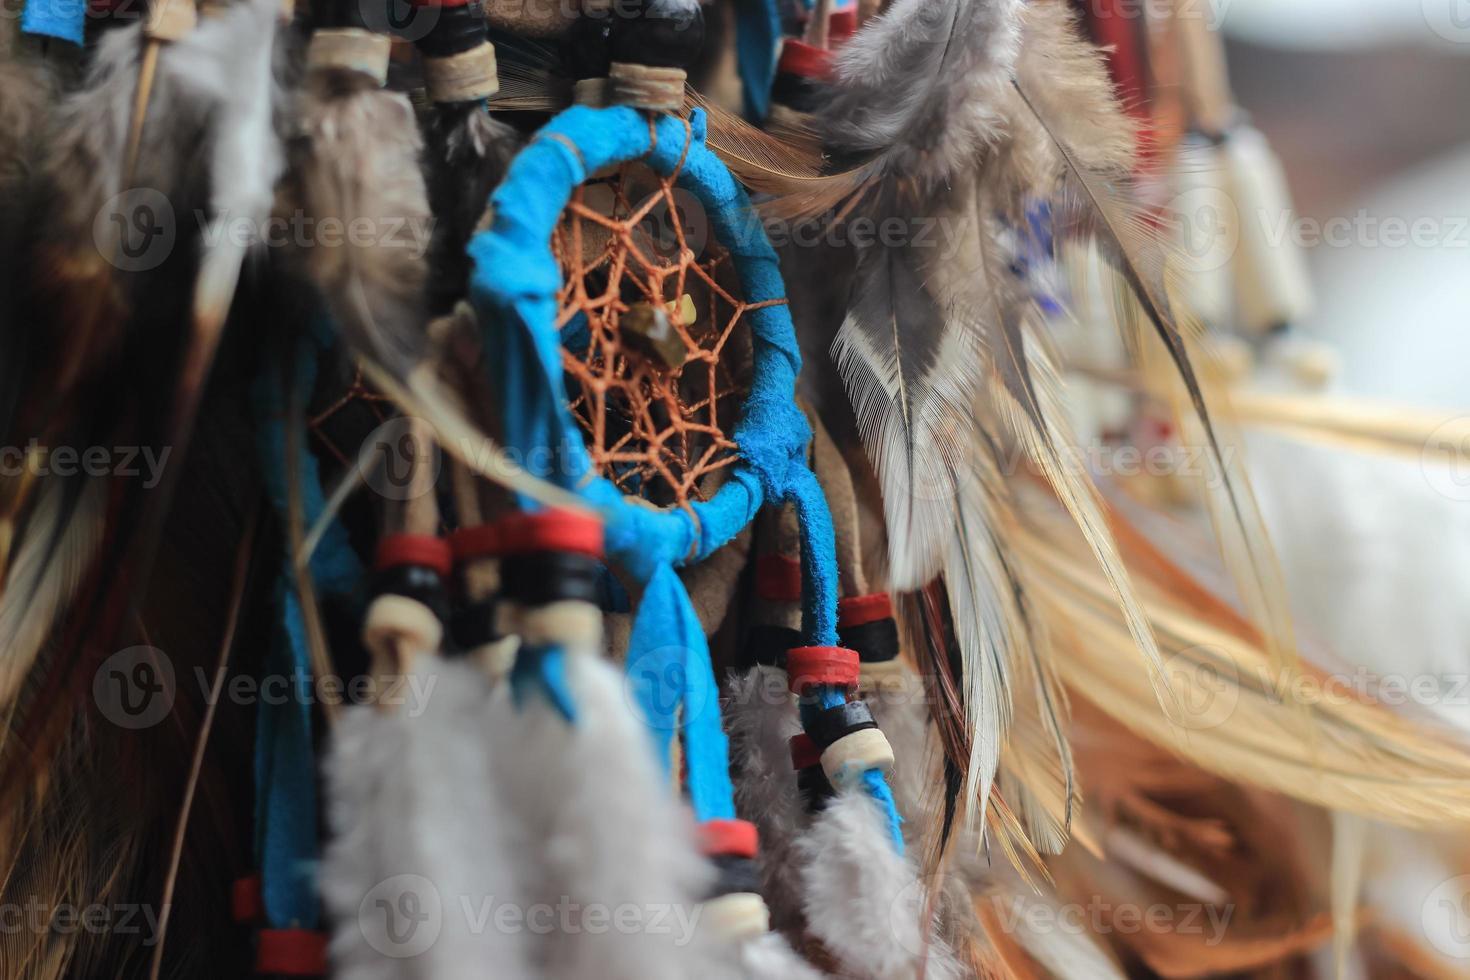 decorações feitas por penas na loja de souvenirs em bali foto